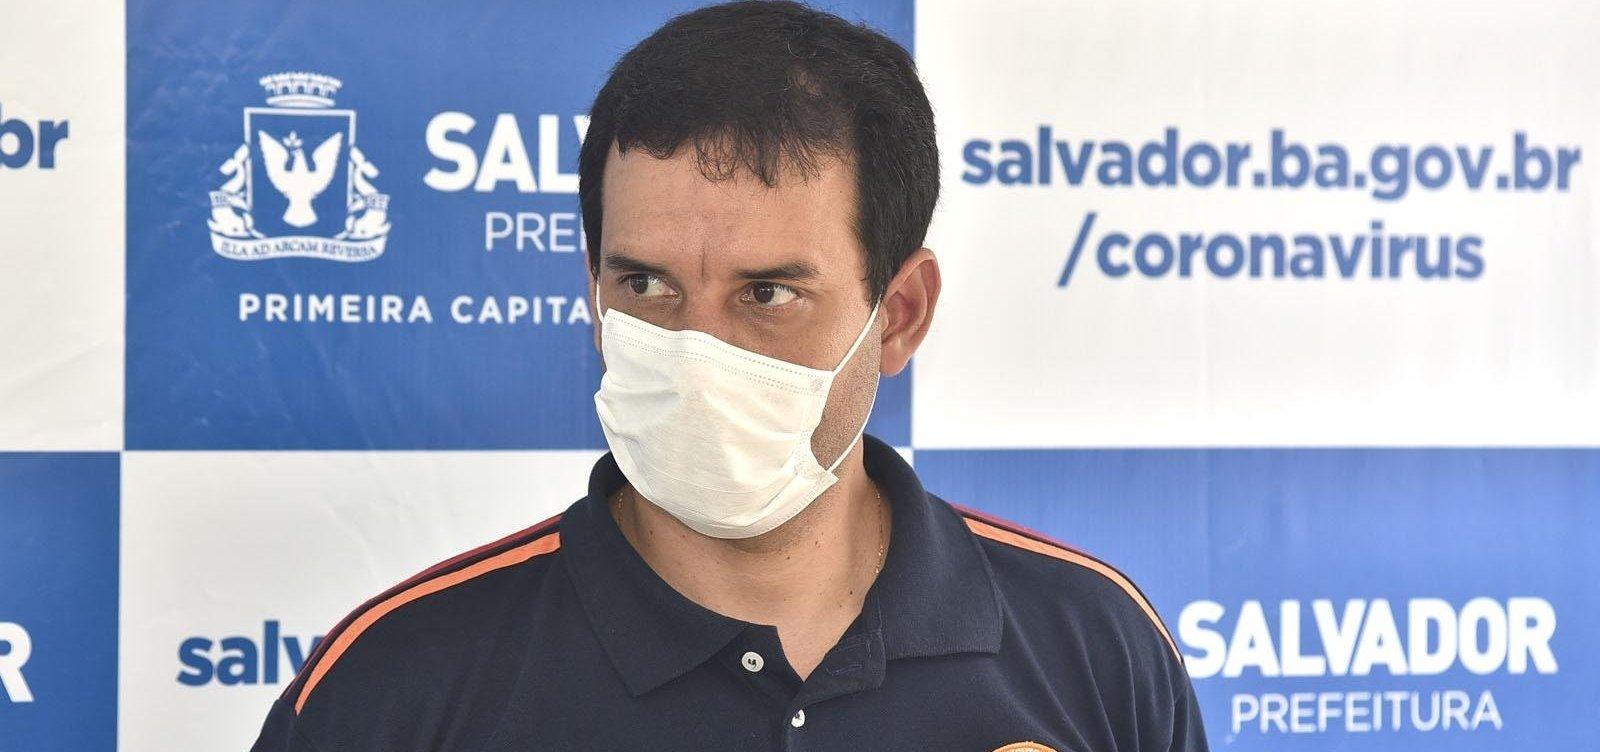 [Secretário de Saúde revela preocupação com reflexos da fase 2 de reabertura em Salvador]